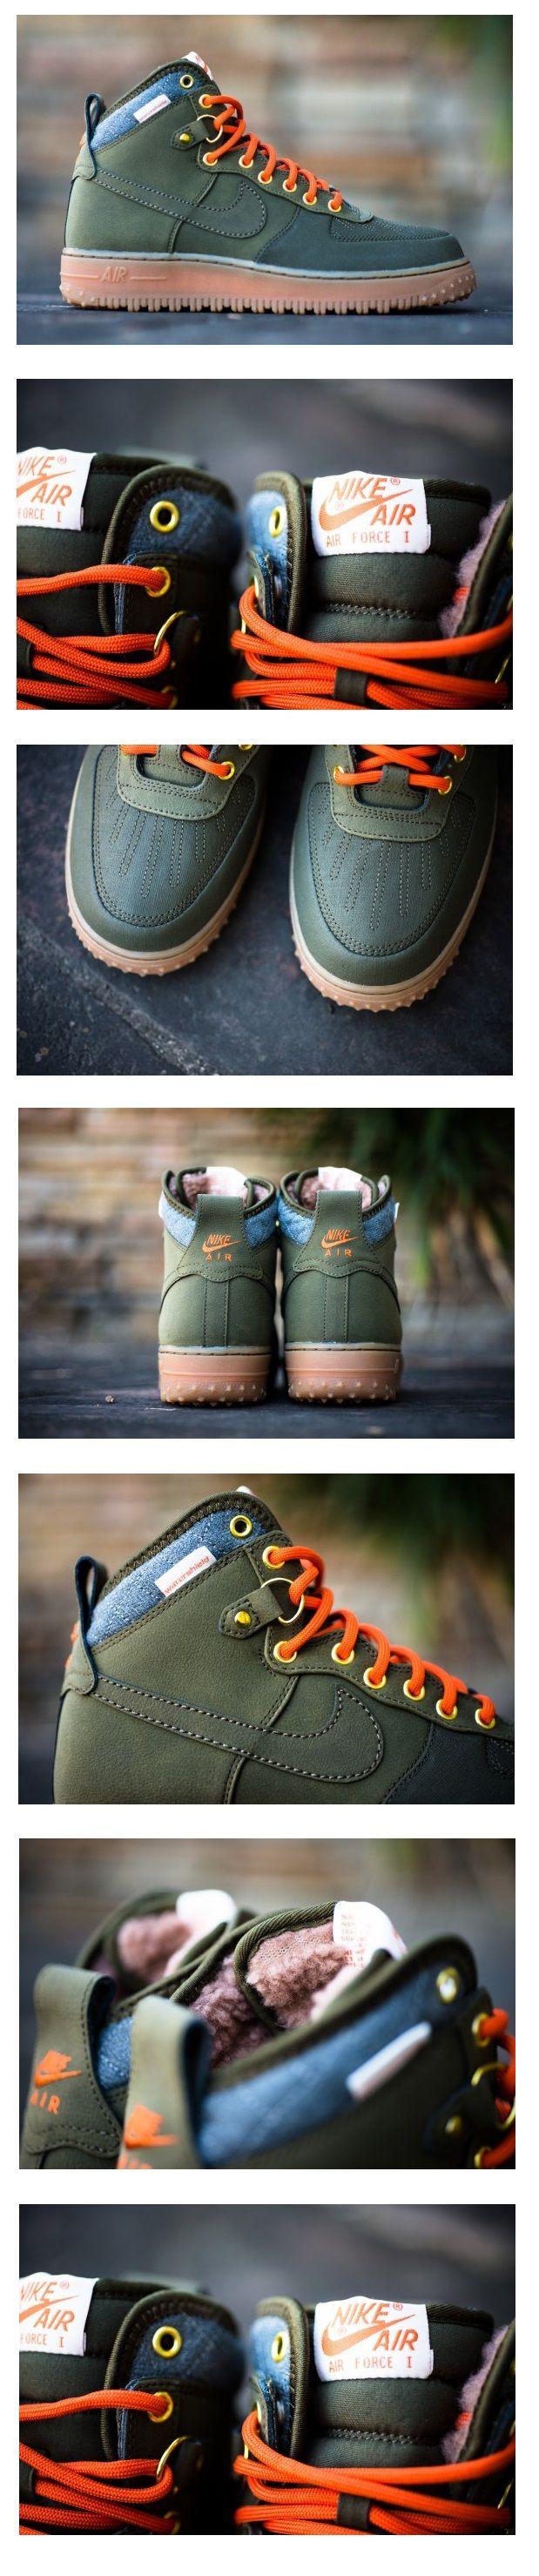 Nike Air Force 1 Duckboot: Dark Loden On peut parler mais ils en sortent de belles tout de même :D